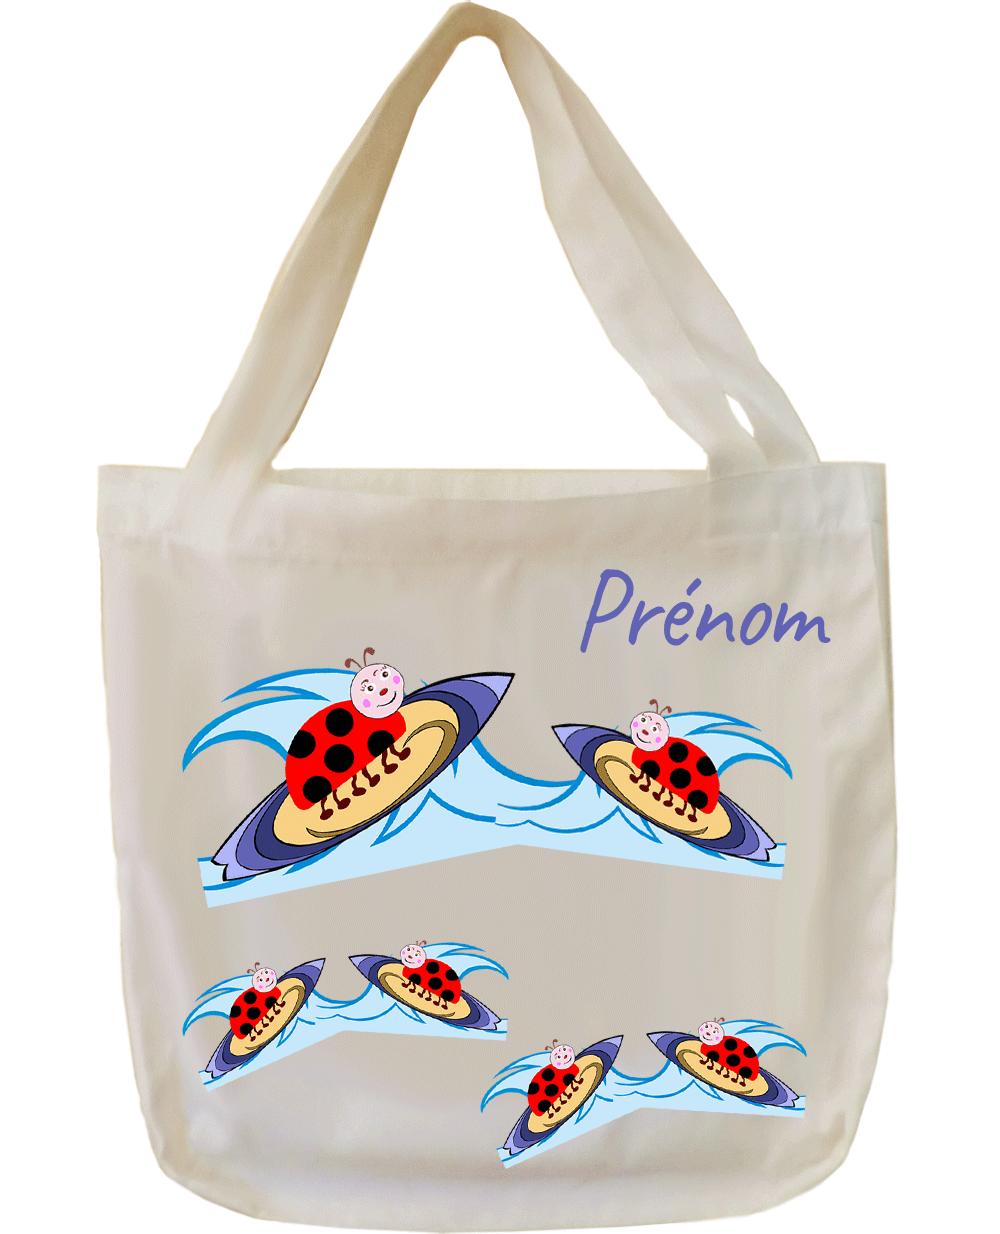 tote-bag;sac;cabas;texti;cadeaux;personnalisable;personnalisation;personnalise;prenom;animal;sport;coccinelle;surf;mer